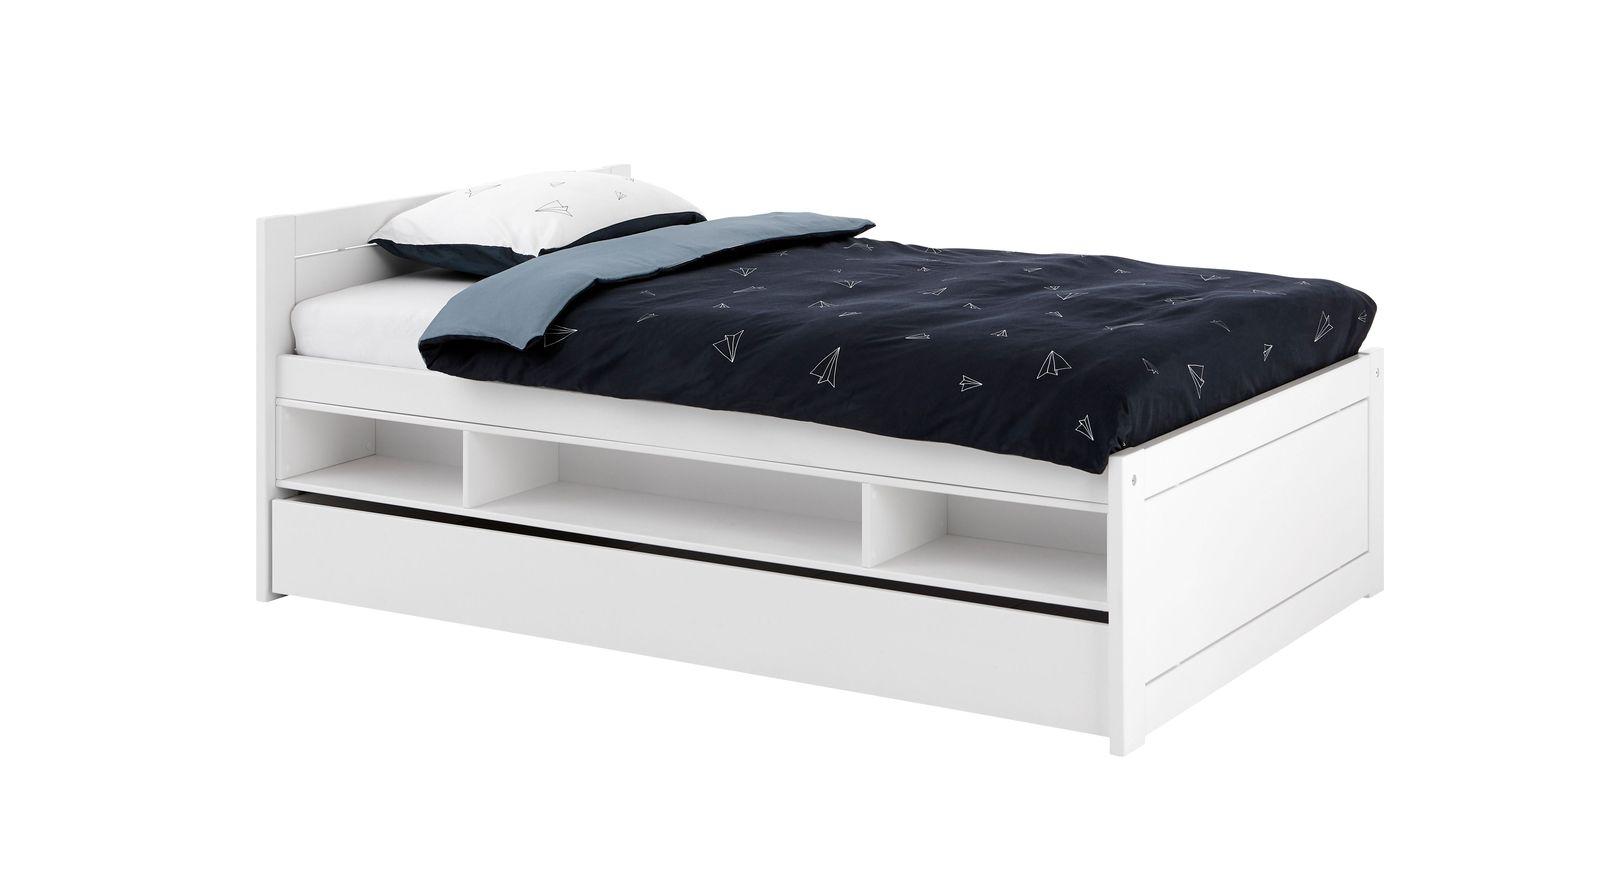 Full Size of Stauraumbett Funktionsbett 120x200 Bett Weiß Mit Bettkasten Matratze Und Lattenrost Betten Wohnzimmer Stauraumbett Funktionsbett 120x200